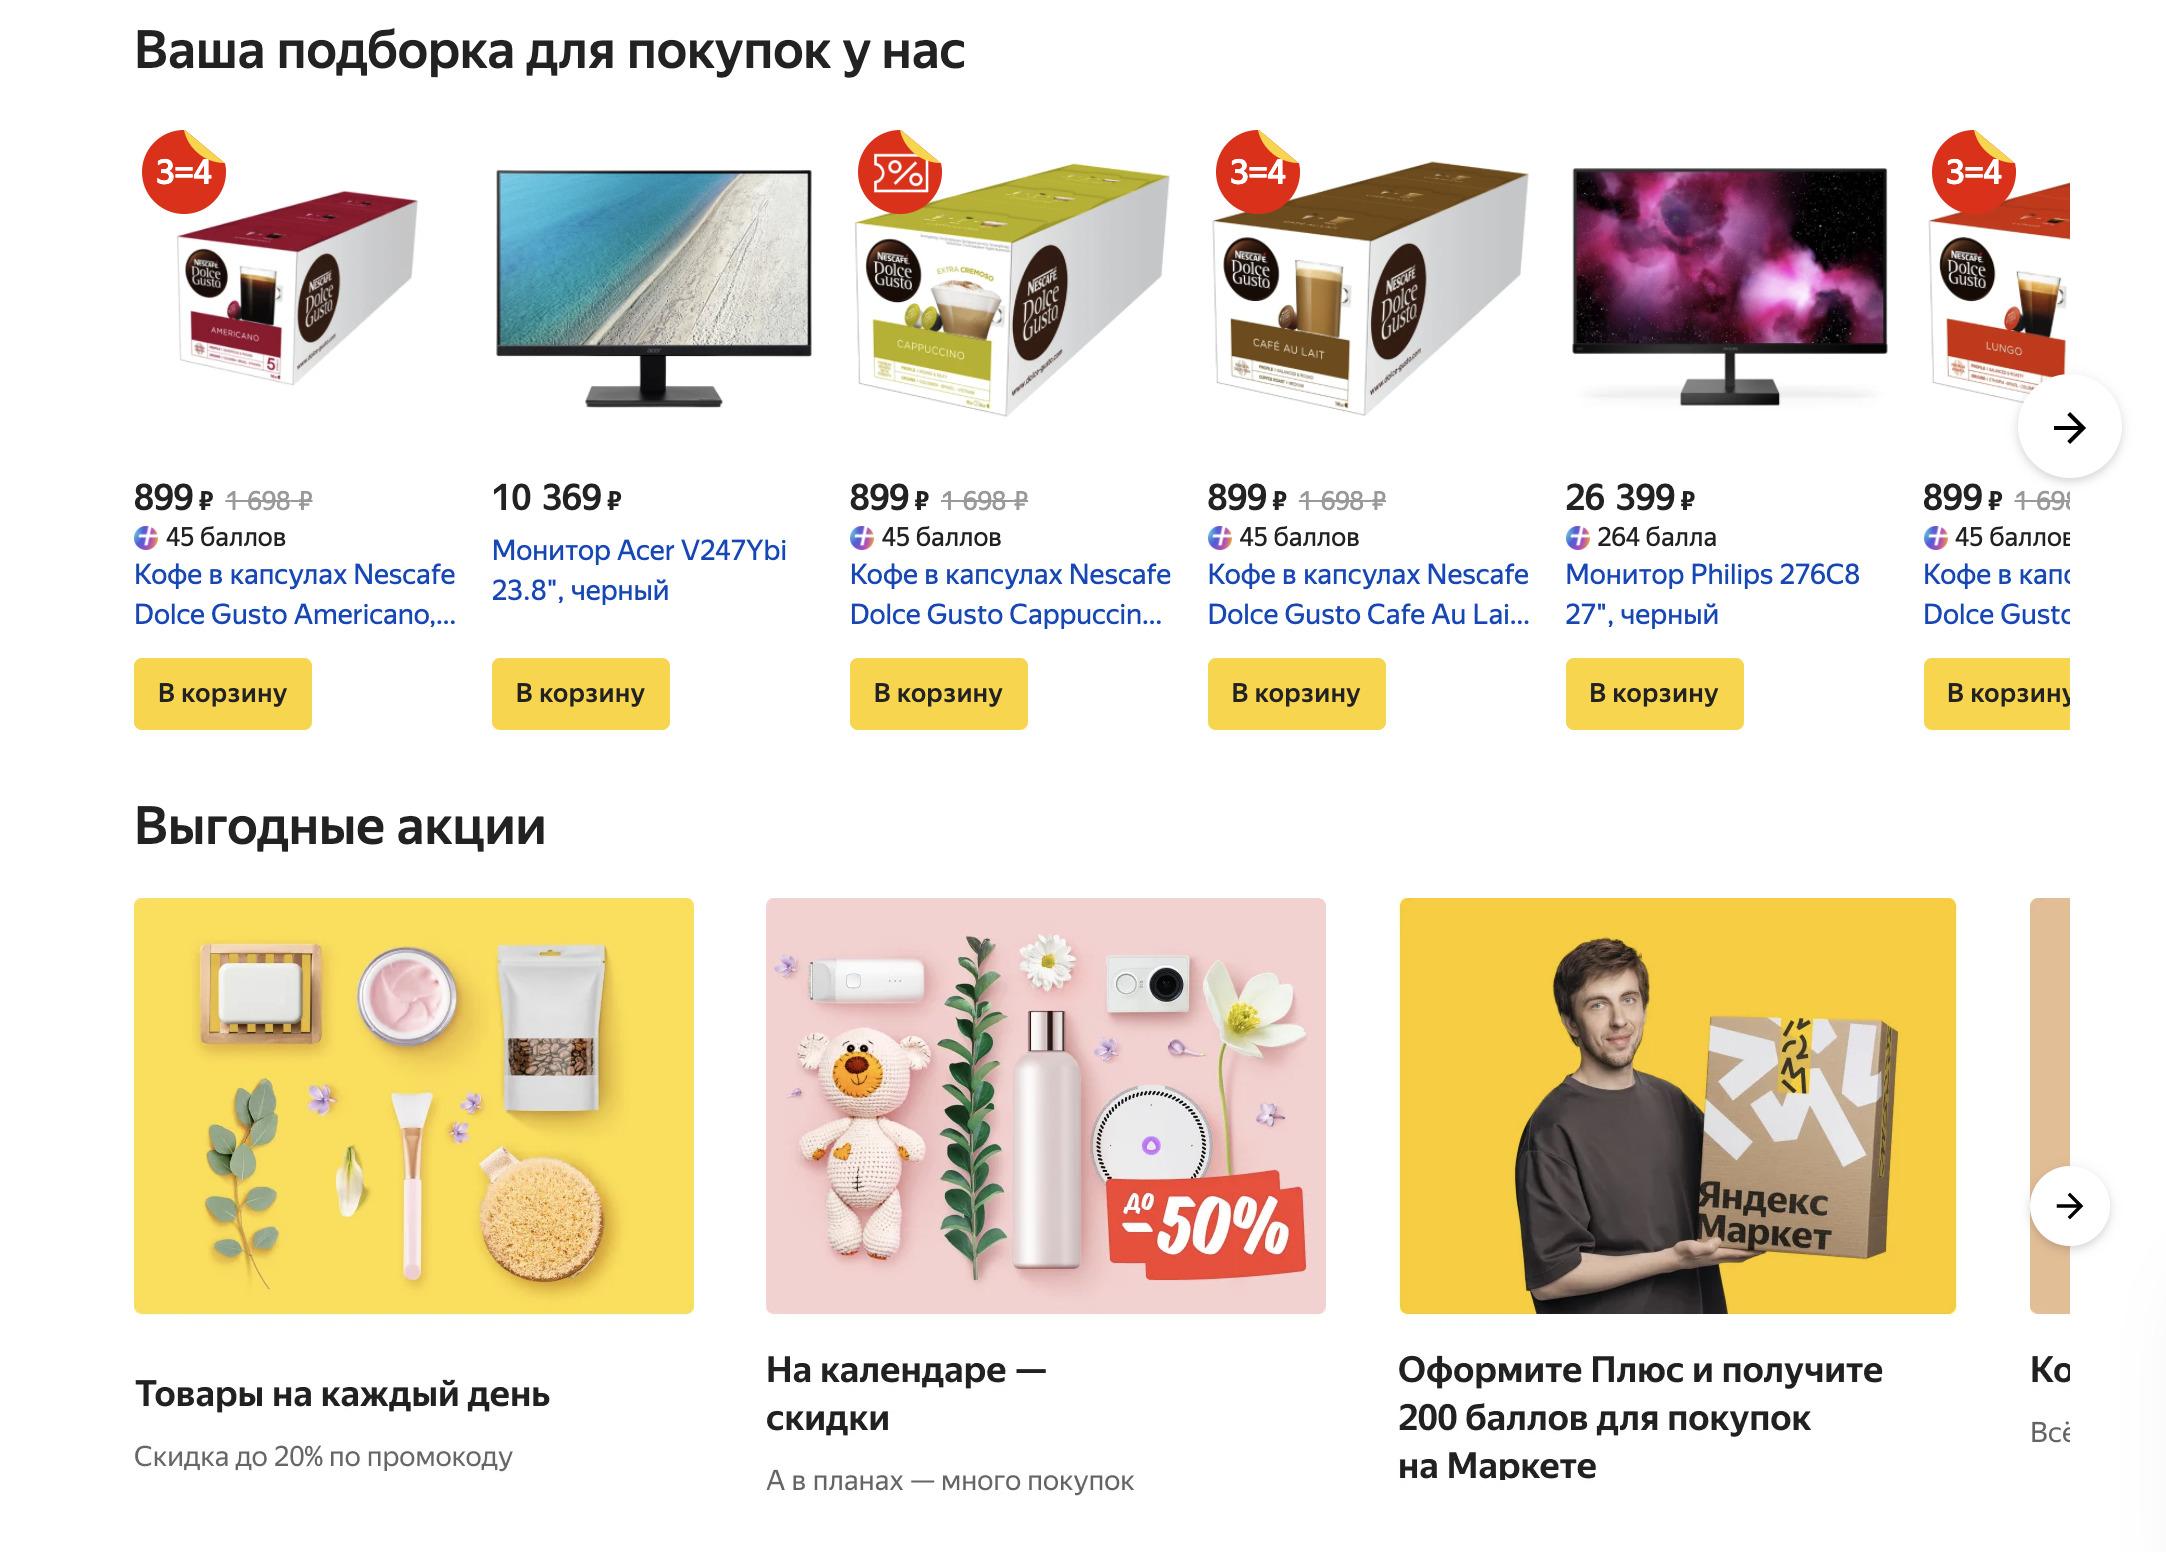 Доставка из Яндекс.Маркет в Верхняя Пышма, сроки, пункты выдачи, каталог